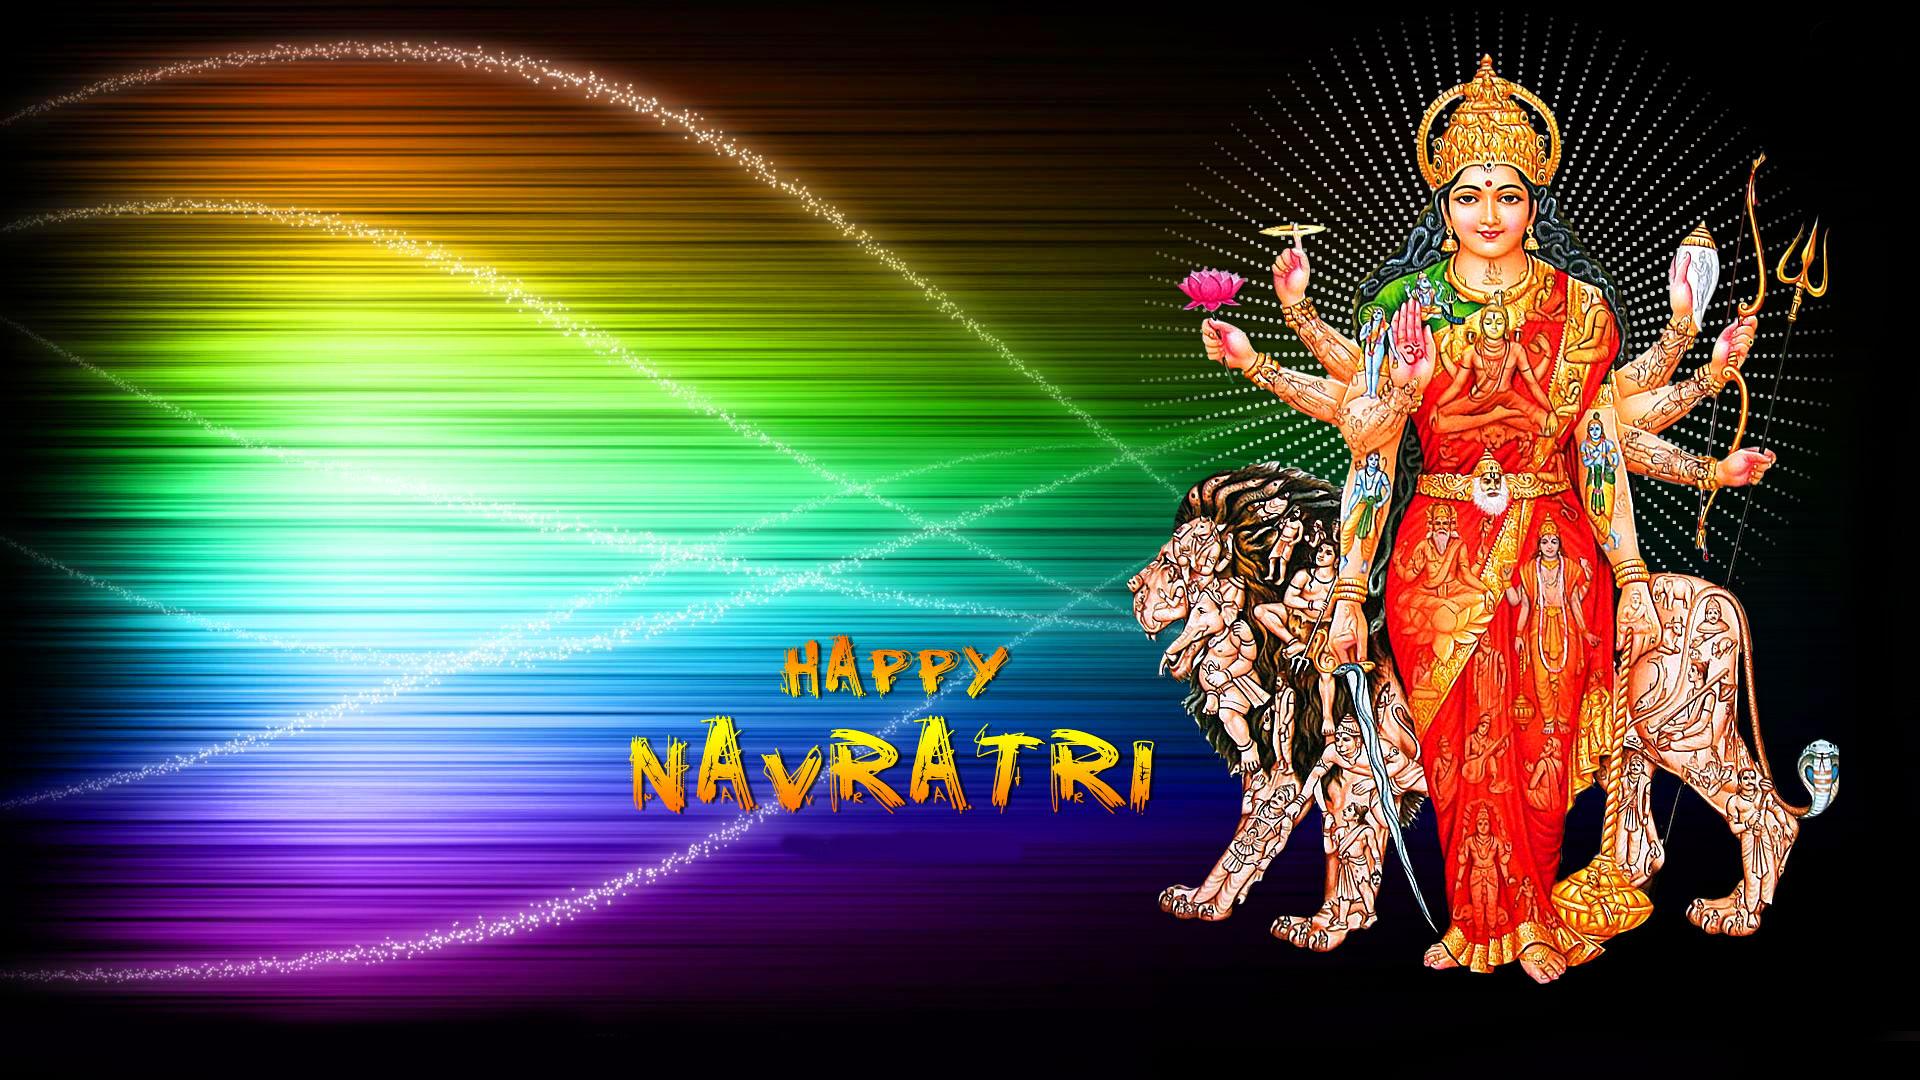 New Happy Navratri Images pics hd